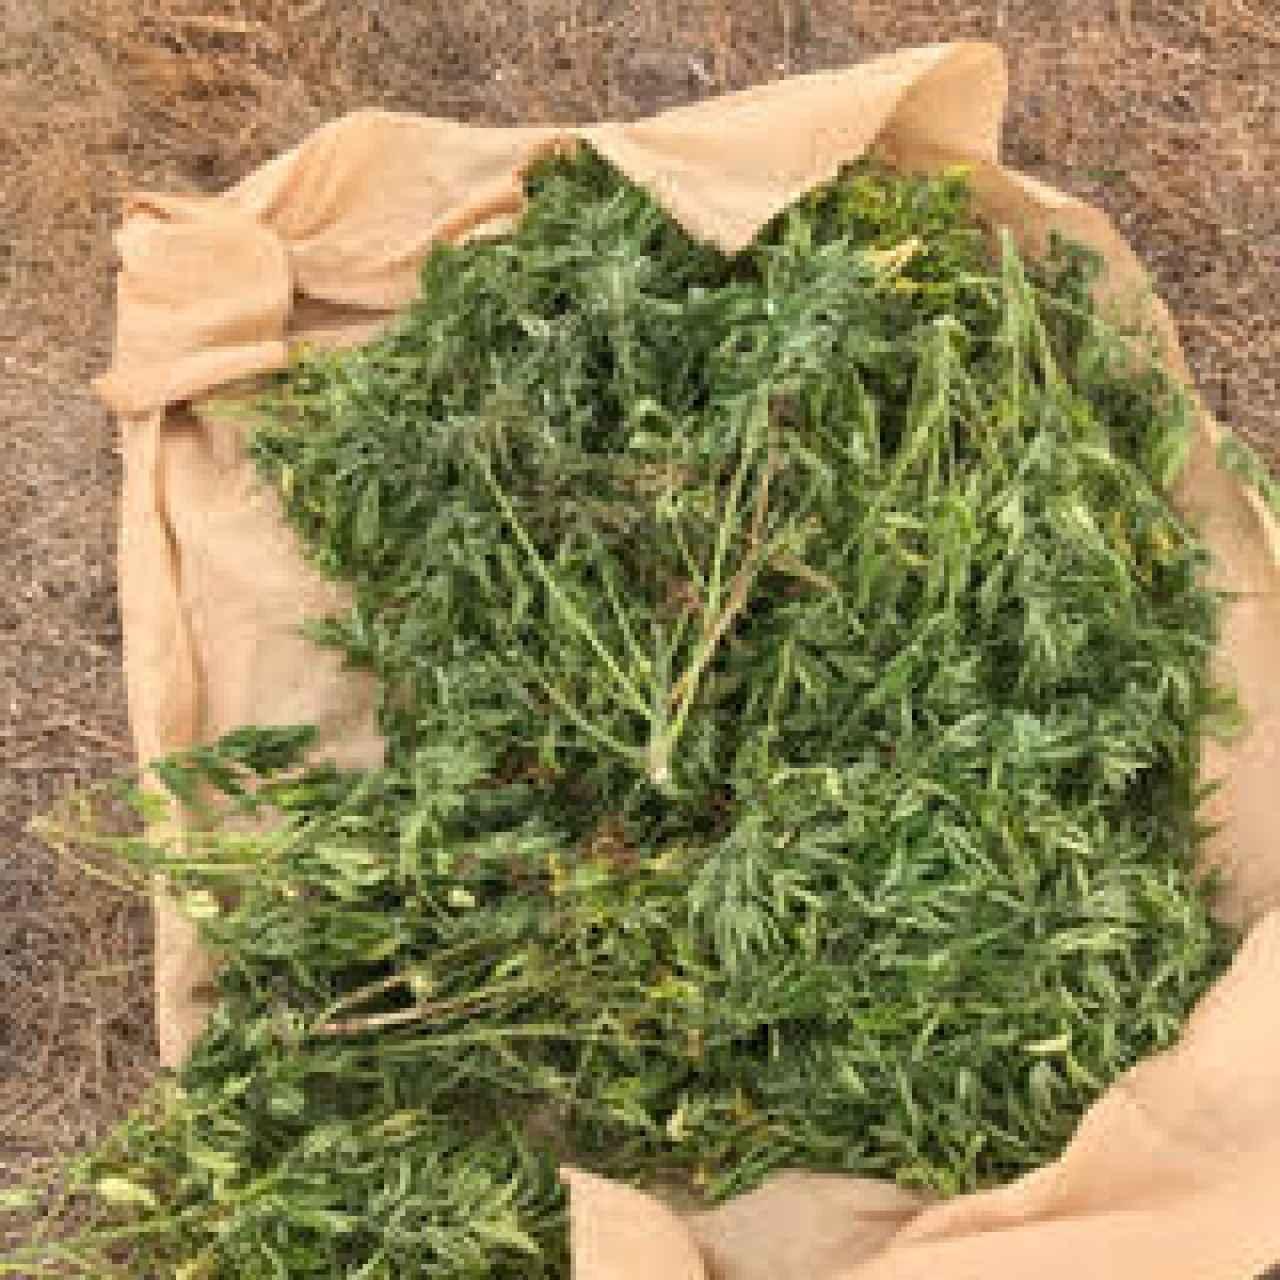 Unas plantas de cáñamo que se le cayeron a unos ladrones que entraron a robar en la finca.